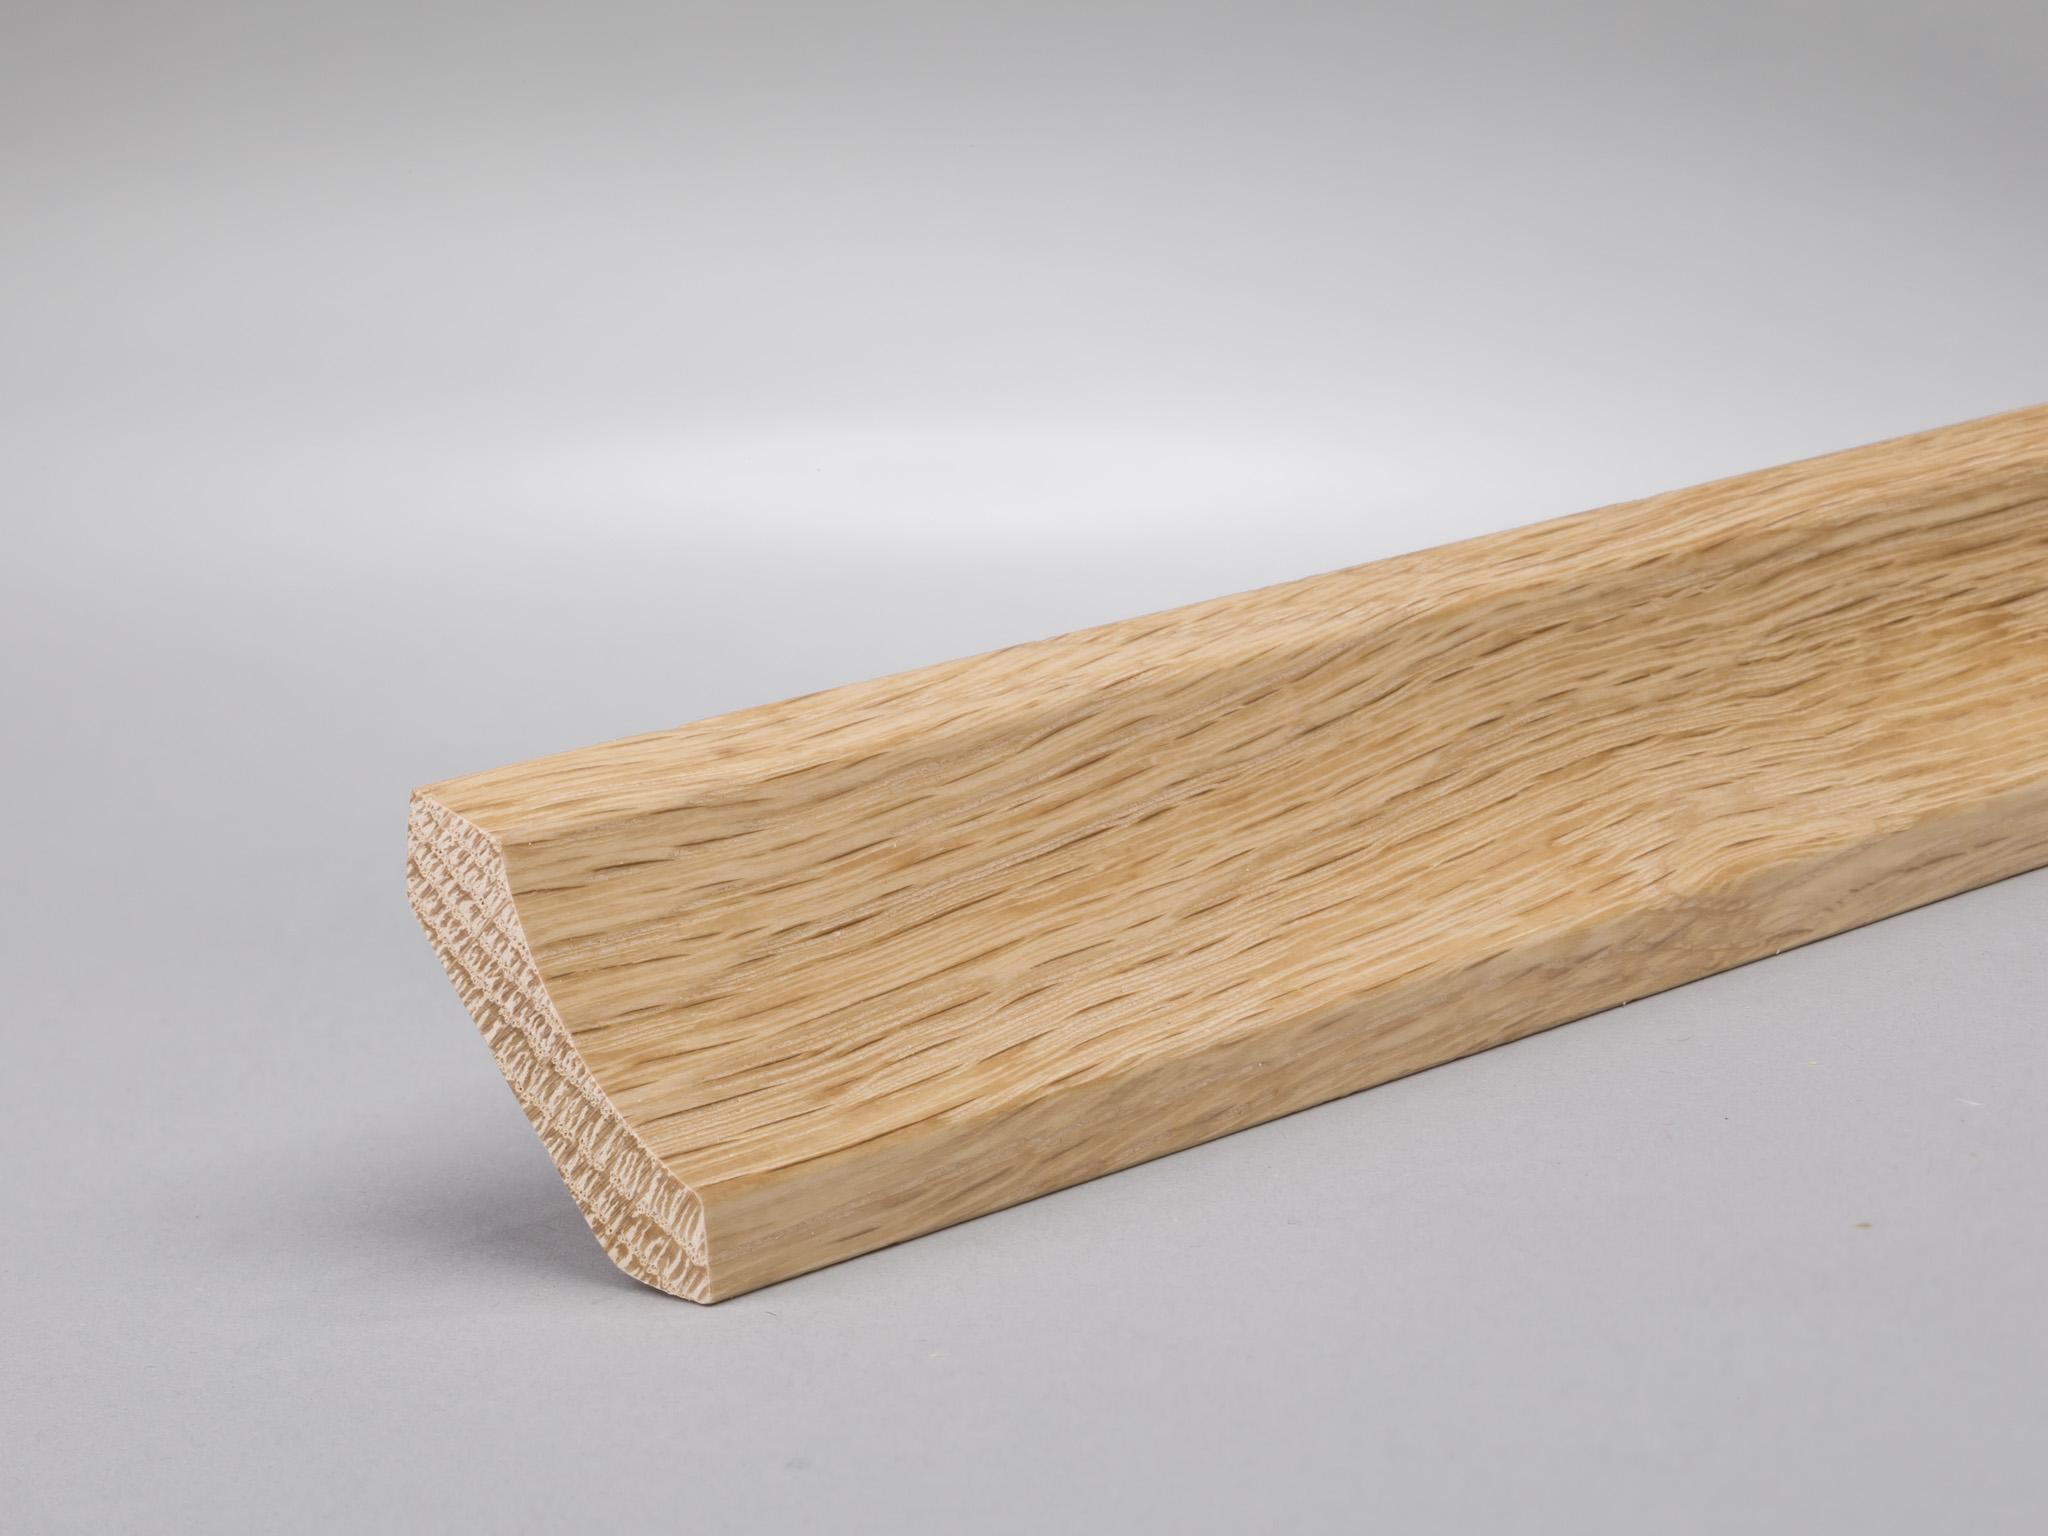 sockelleisten, fußleisten & abschlussleisten aus massivholz